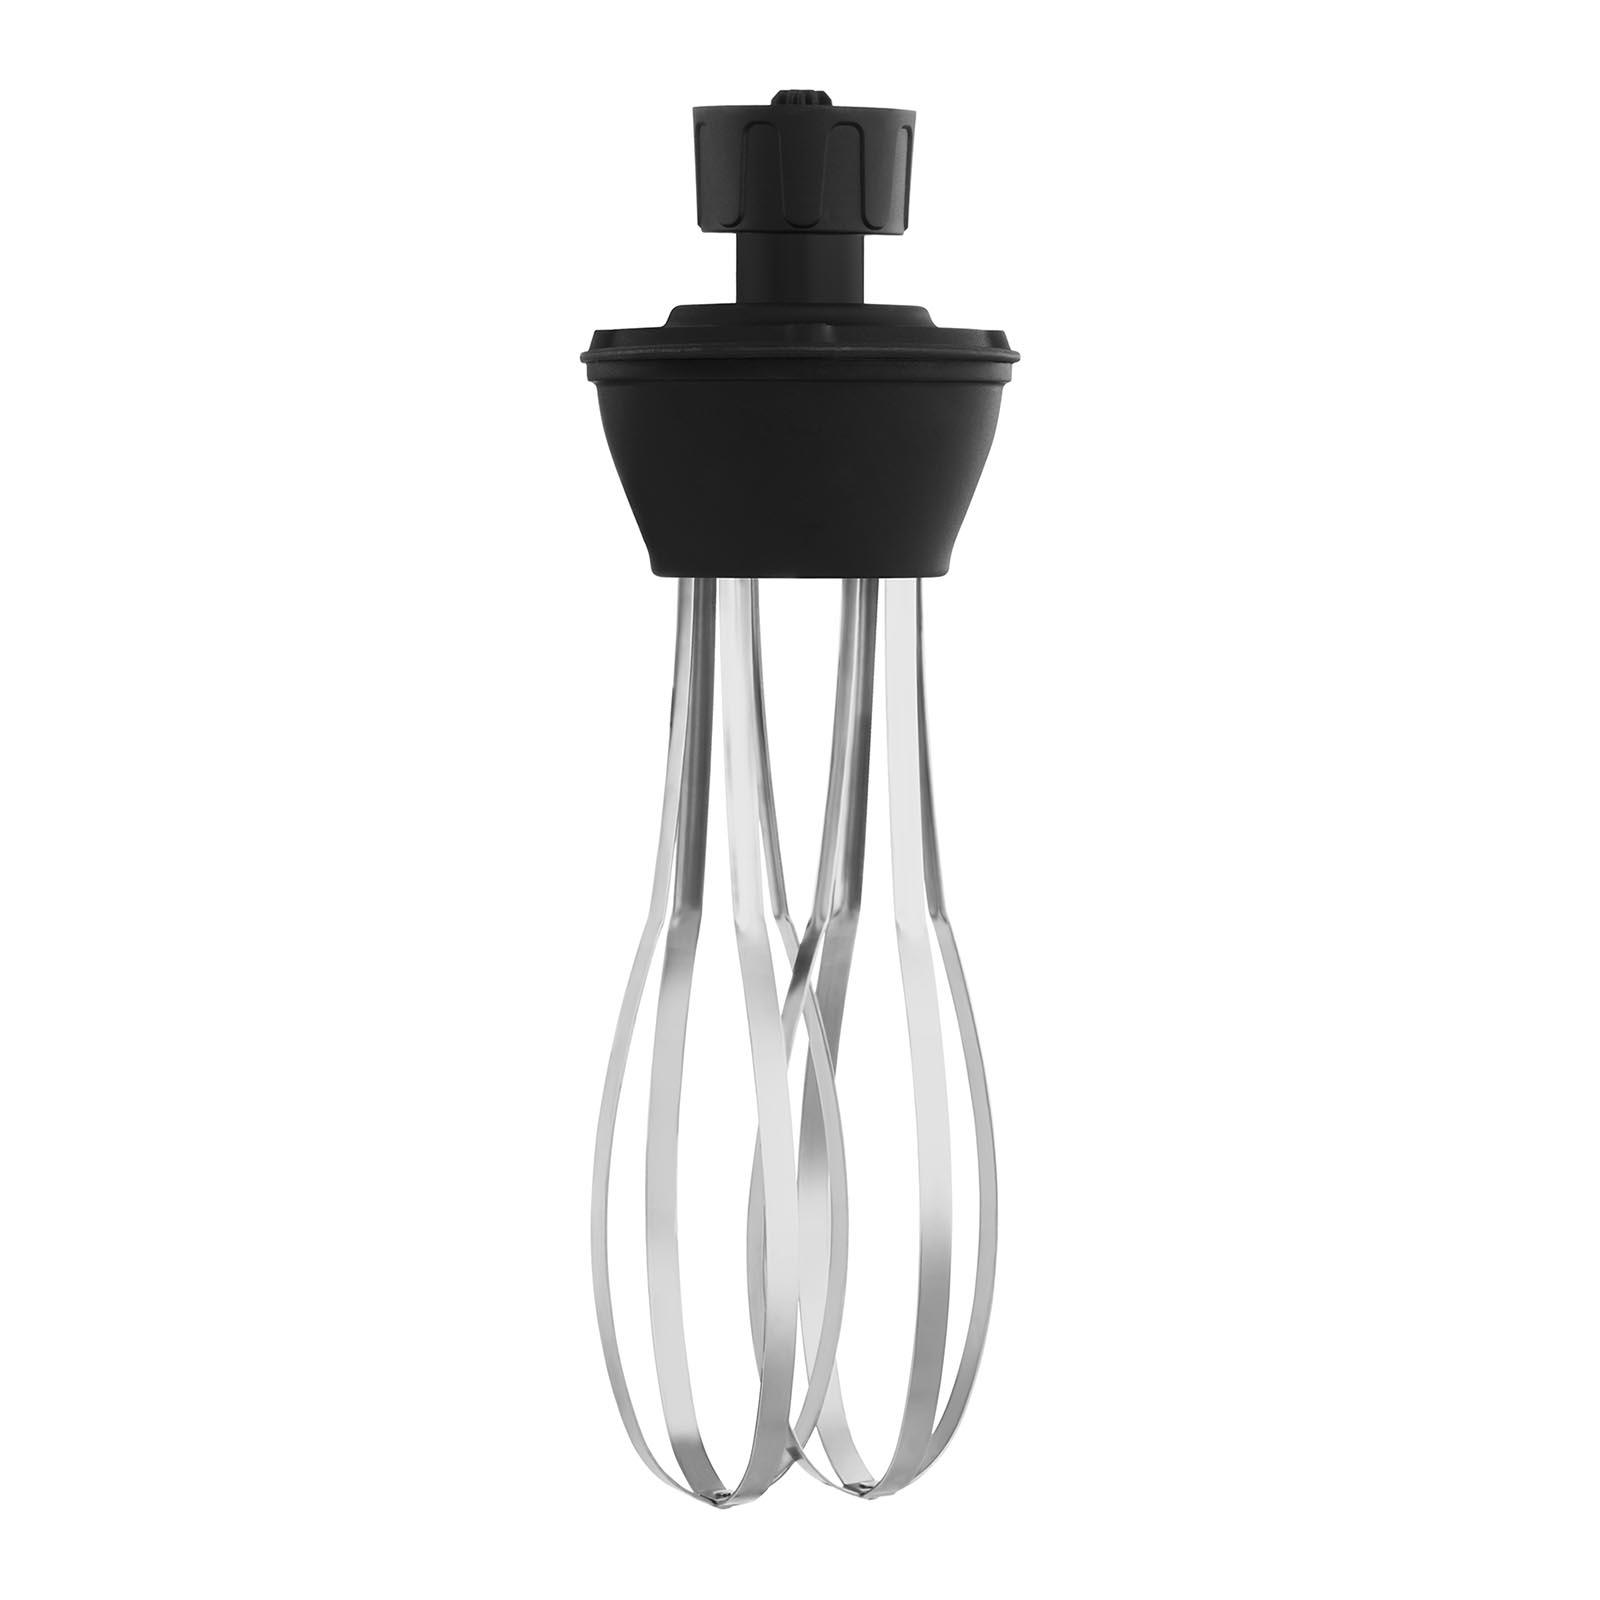 bras pour mixeur plongeant mixeur plongeur professionnel fouet mixeur 200 500 mm ebay. Black Bedroom Furniture Sets. Home Design Ideas